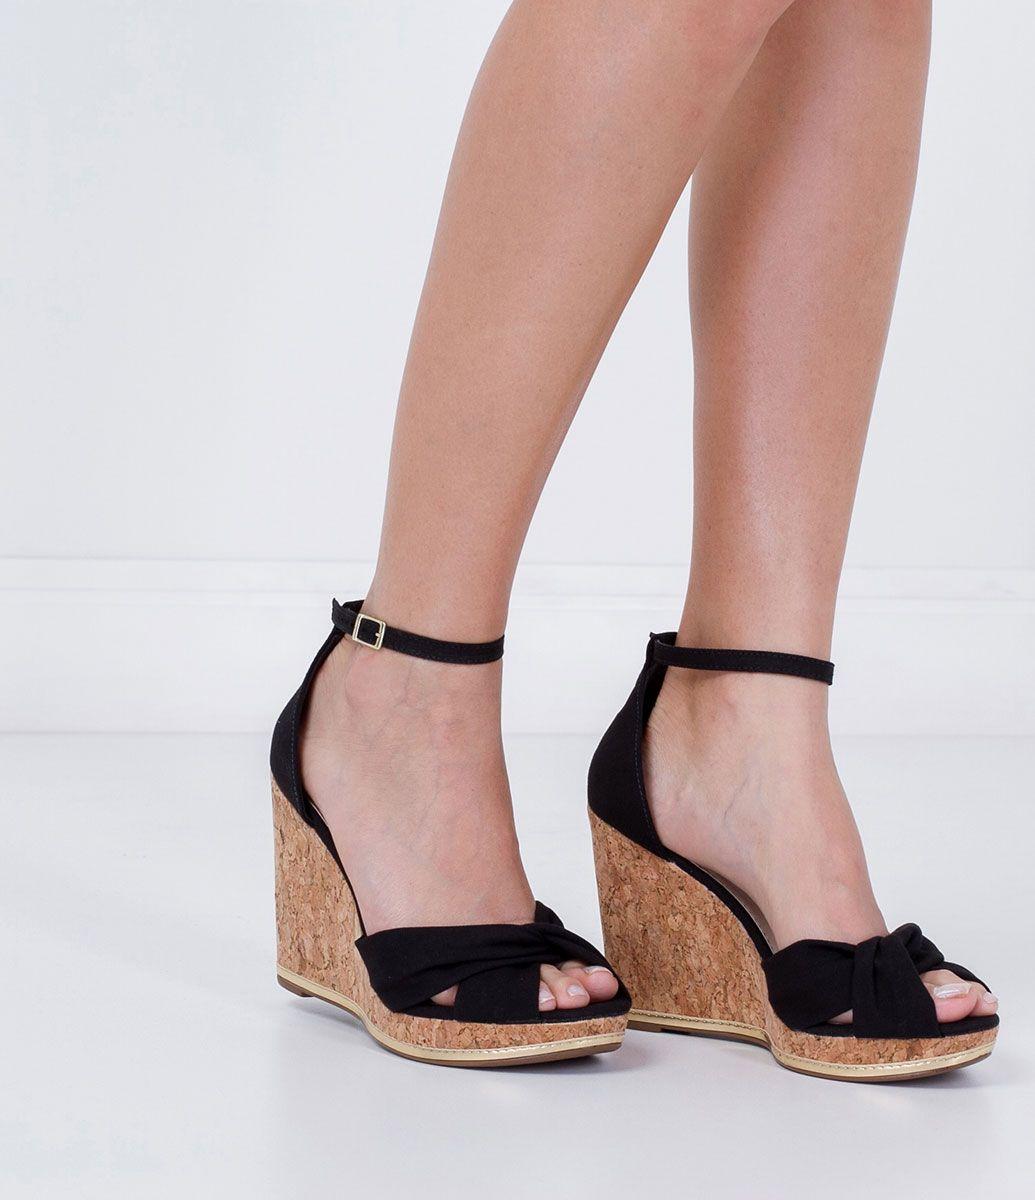 2a4270d043 Sandália feminina Material  jeans Anabela Salto cortiça Com tiras X Marca   Moleca COLEÇÃO VERÃO 2016 Veja outras opções de sandálias…